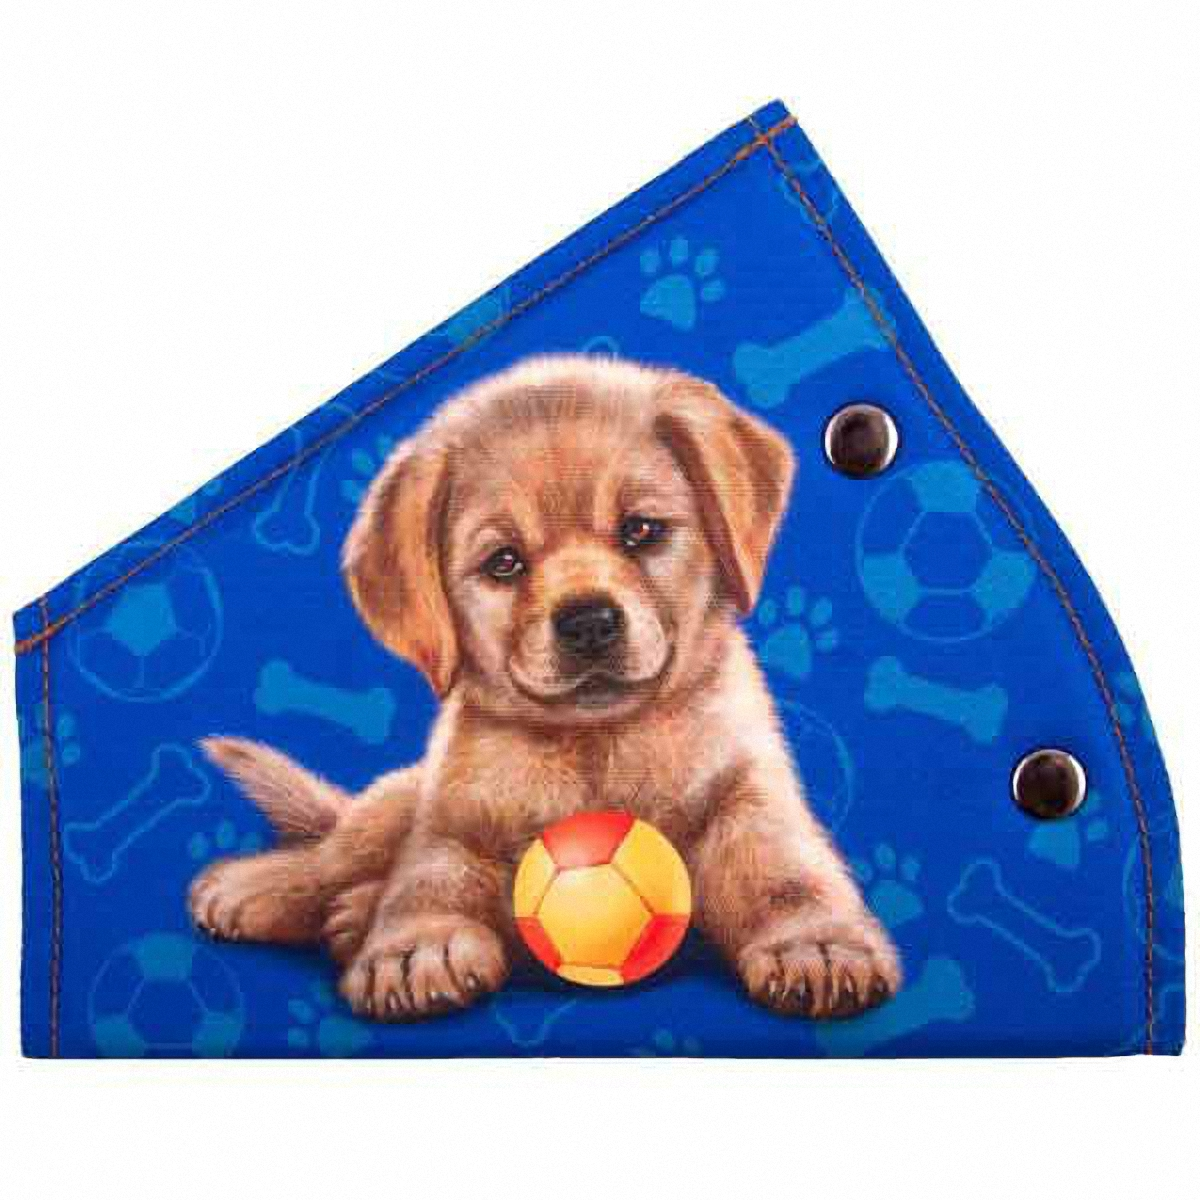 Адаптер ремня безопасности Skyway Щенок, цвет: синийFS-80423Детский адаптер ремня безопасности, изготовленный из полиэстера и декорированный красочным рисунком, удерживает ремень безопасности в положении, удобном для человека небольшого роста. Удерживающее устройство можно установить на любой трёхточечный ремень безопасности. Подходит для ремней безопасности как слева, так и справа. При перевозке ребёнка до 12 лет адаптер ремня безопасности разрешено устанавливать только на ремни заднего сиденья.Адаптер прост в установке, легко фиксируется при помощи быстрозастегивающегося крепления.Изделие уменьшает давление ремней на тело ребёнка, удаляет ремень от лица ребенка, обеспечивая ему комфорт во время поездок.Тип крепления: кнопки.